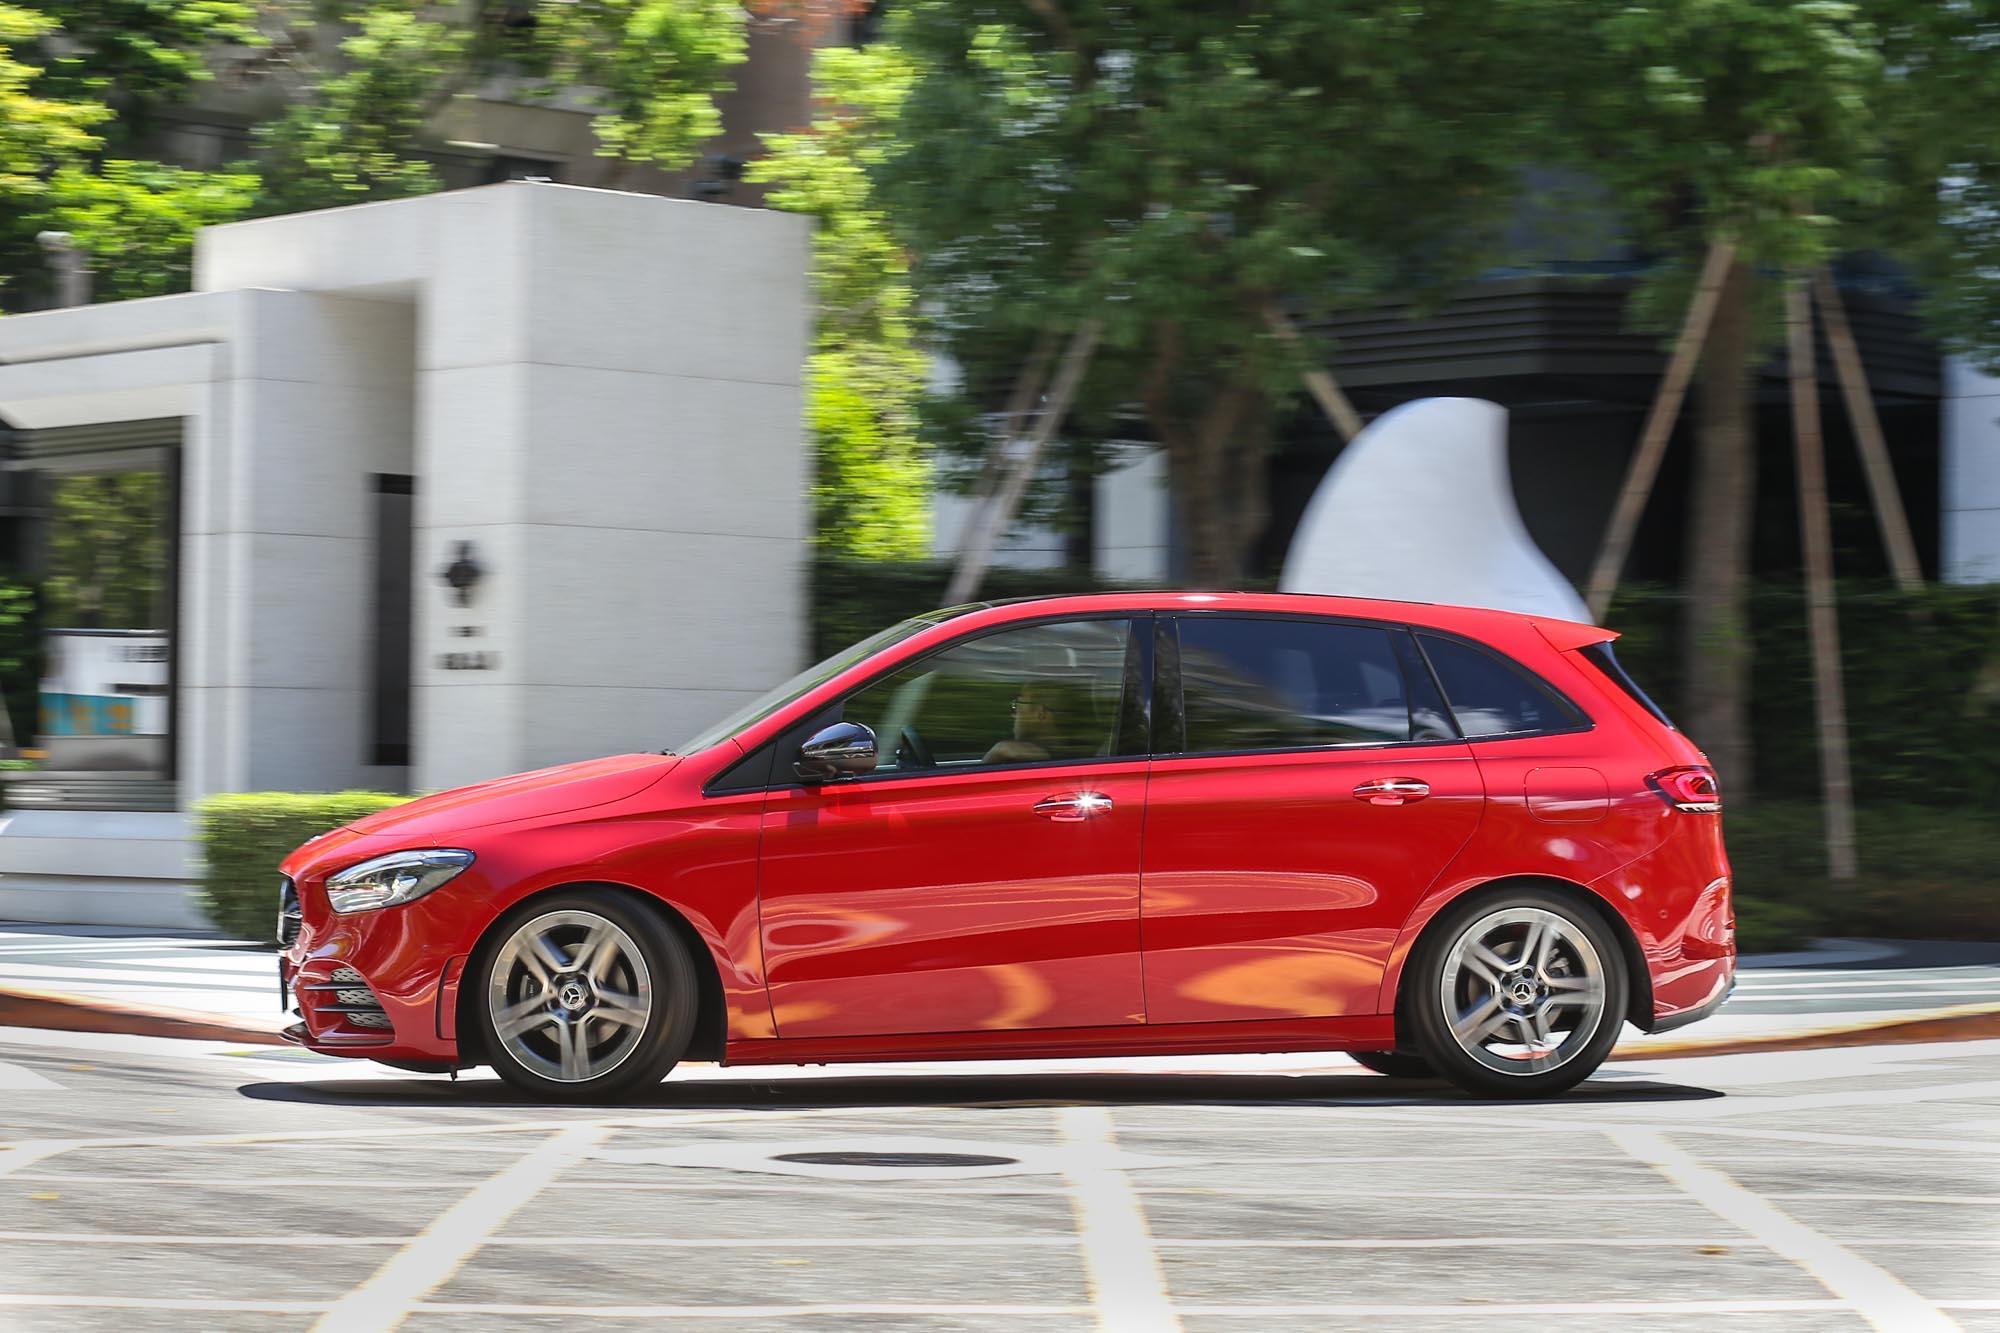 新世代 Mercedes-Benz B-Class 外貌確實流線許多,車身折線與細長的車燈使其不再有從前的笨重感。